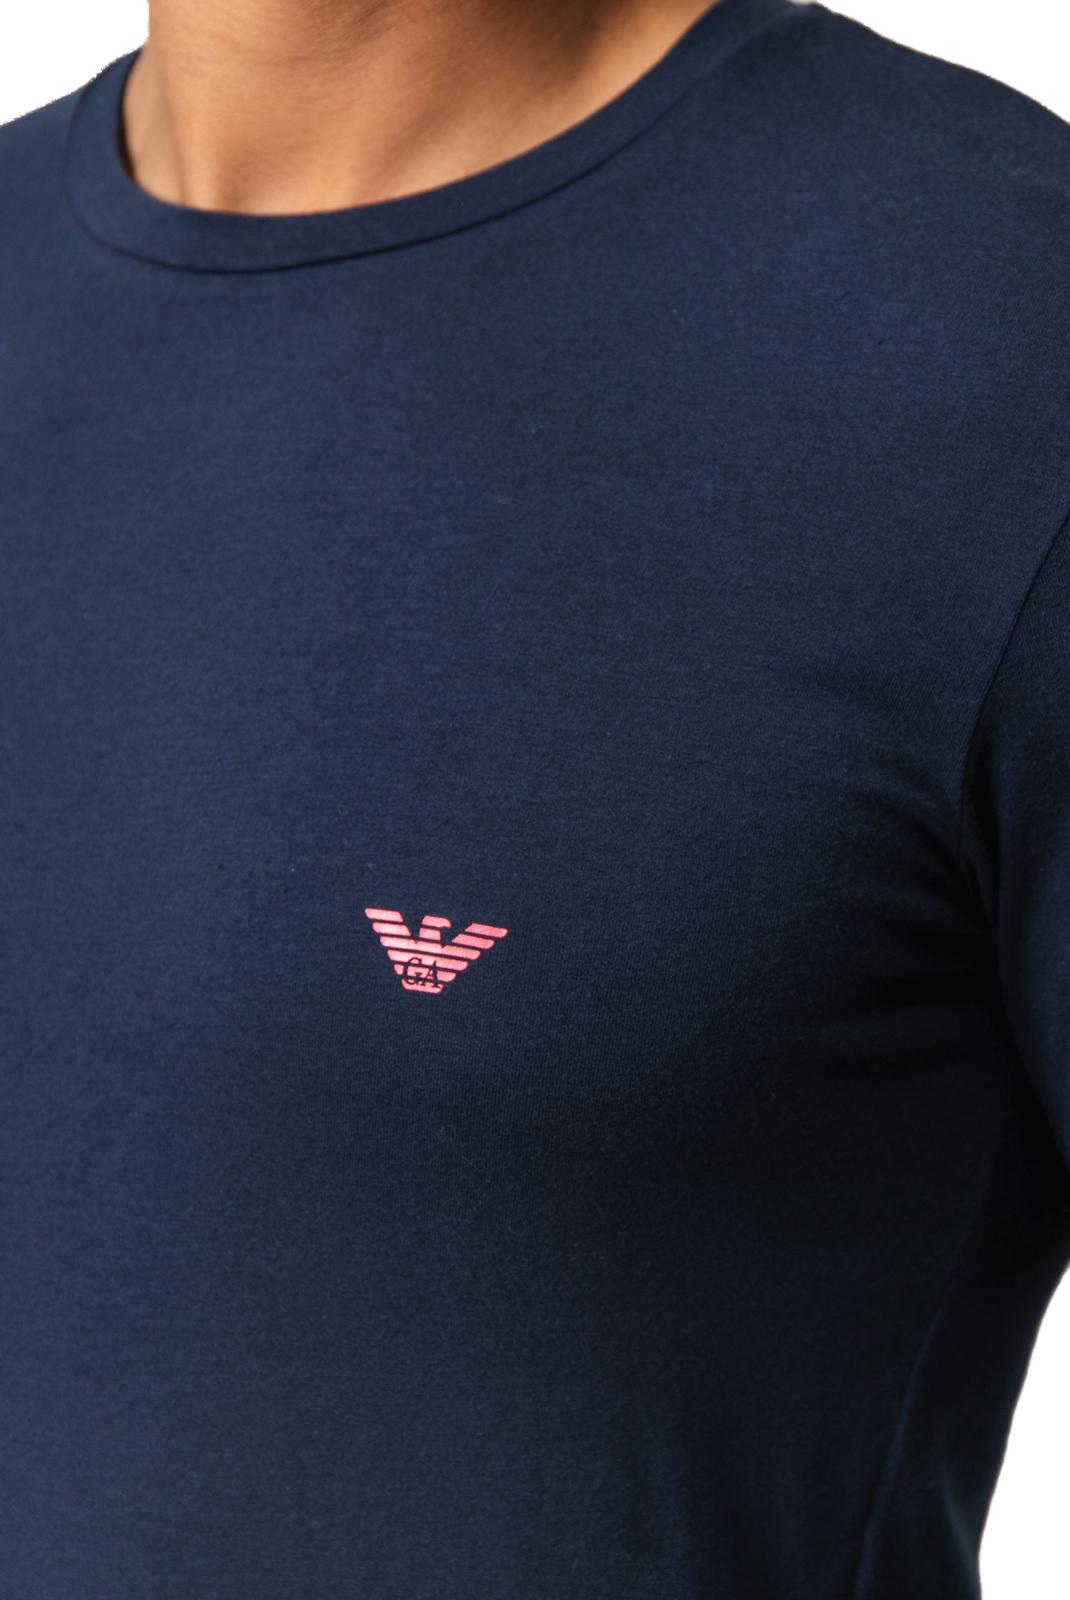 Tee-shirts  Emporio armani 111023 9A725 00135 BLEU